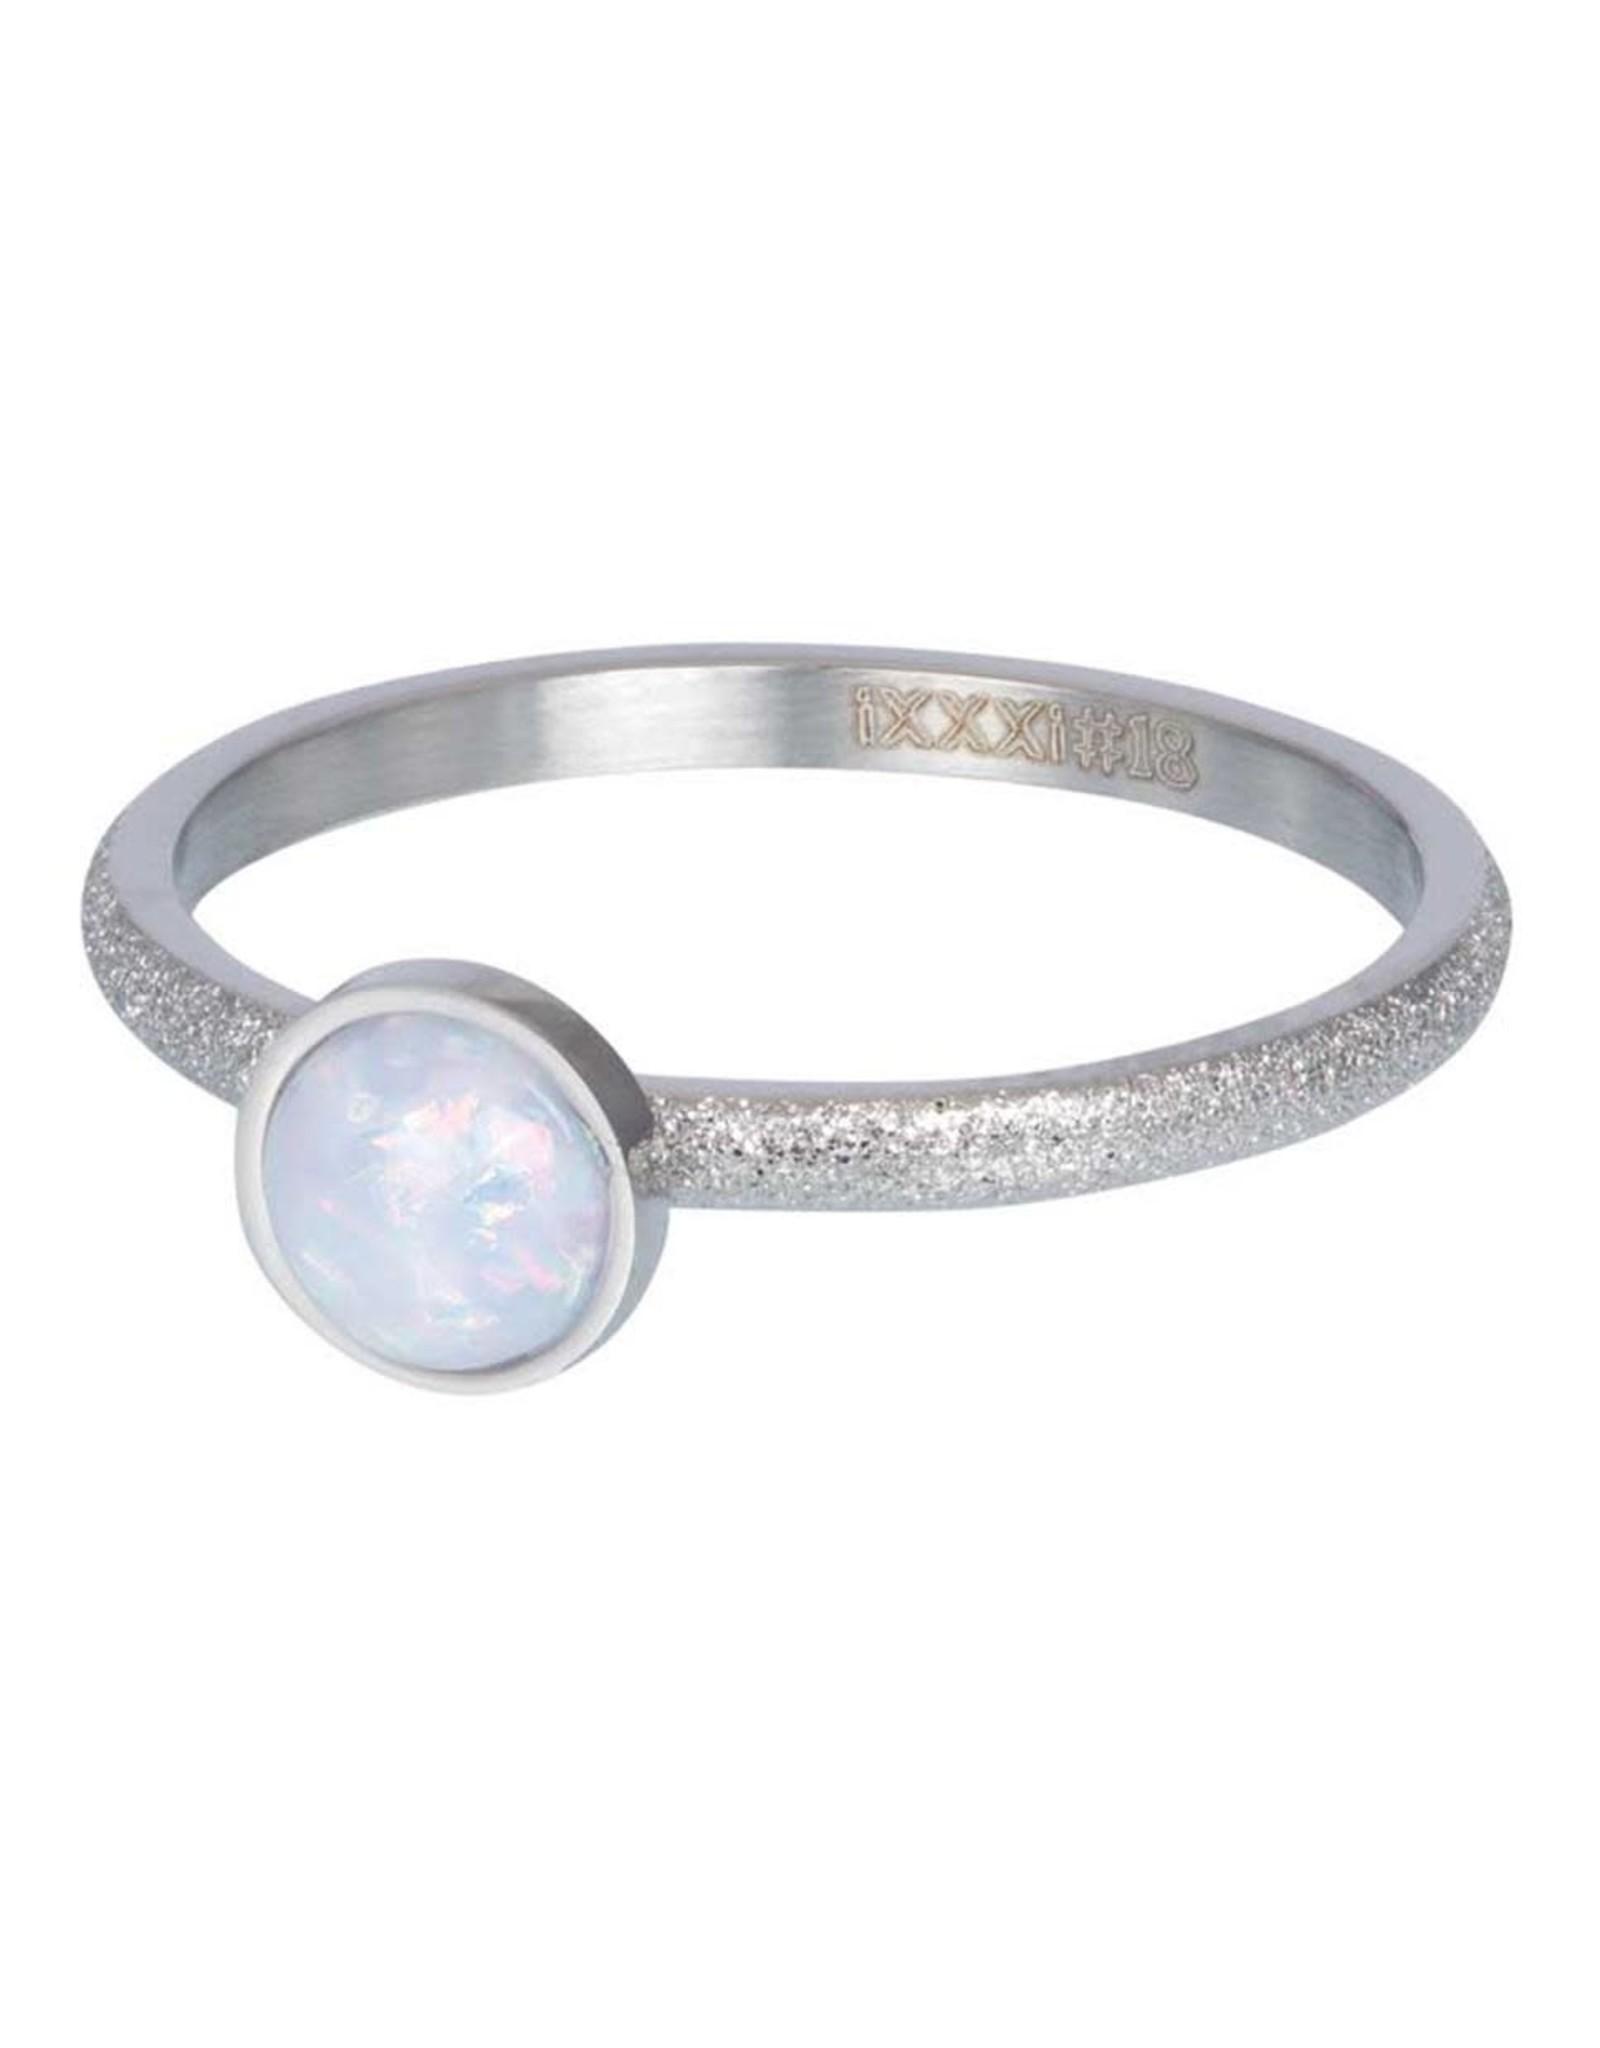 iXXXi Jewelry iXXXi vulring Yuki